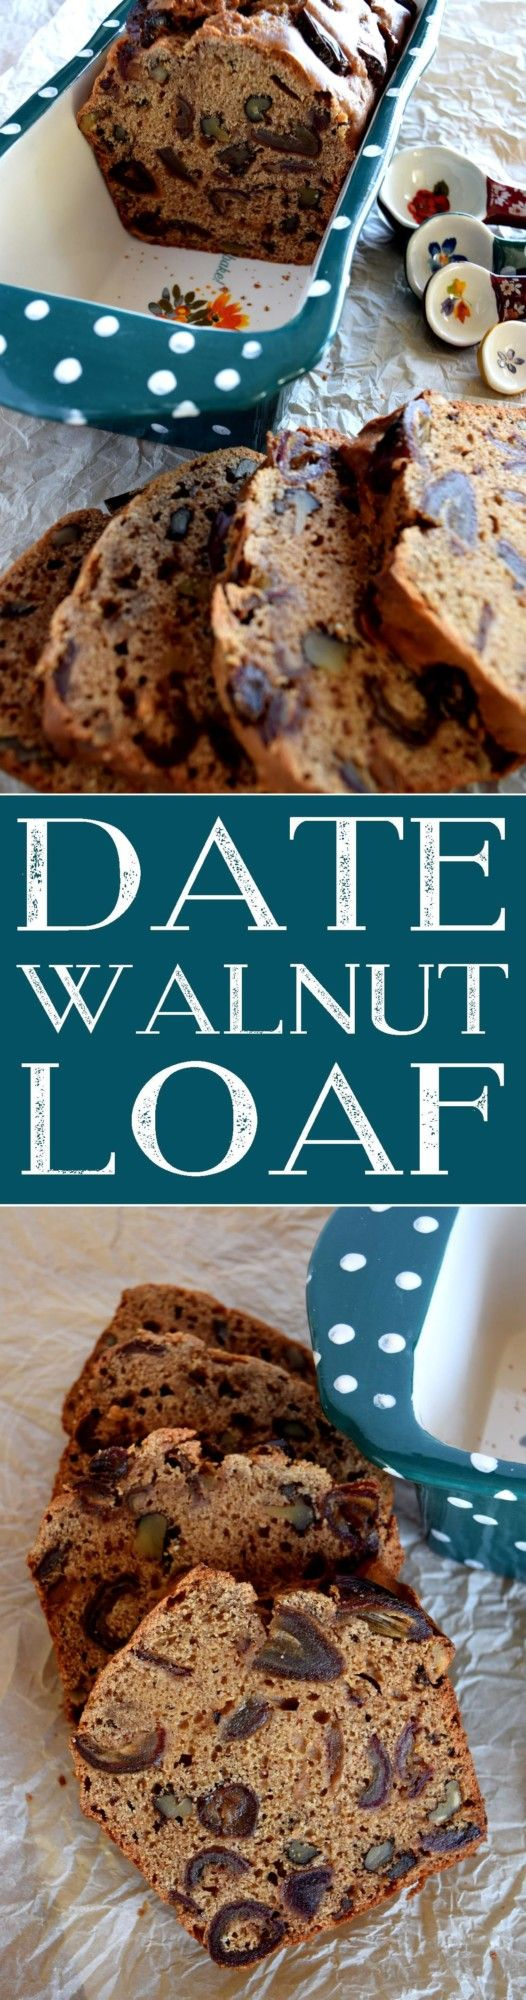 Date Walnut Bread.